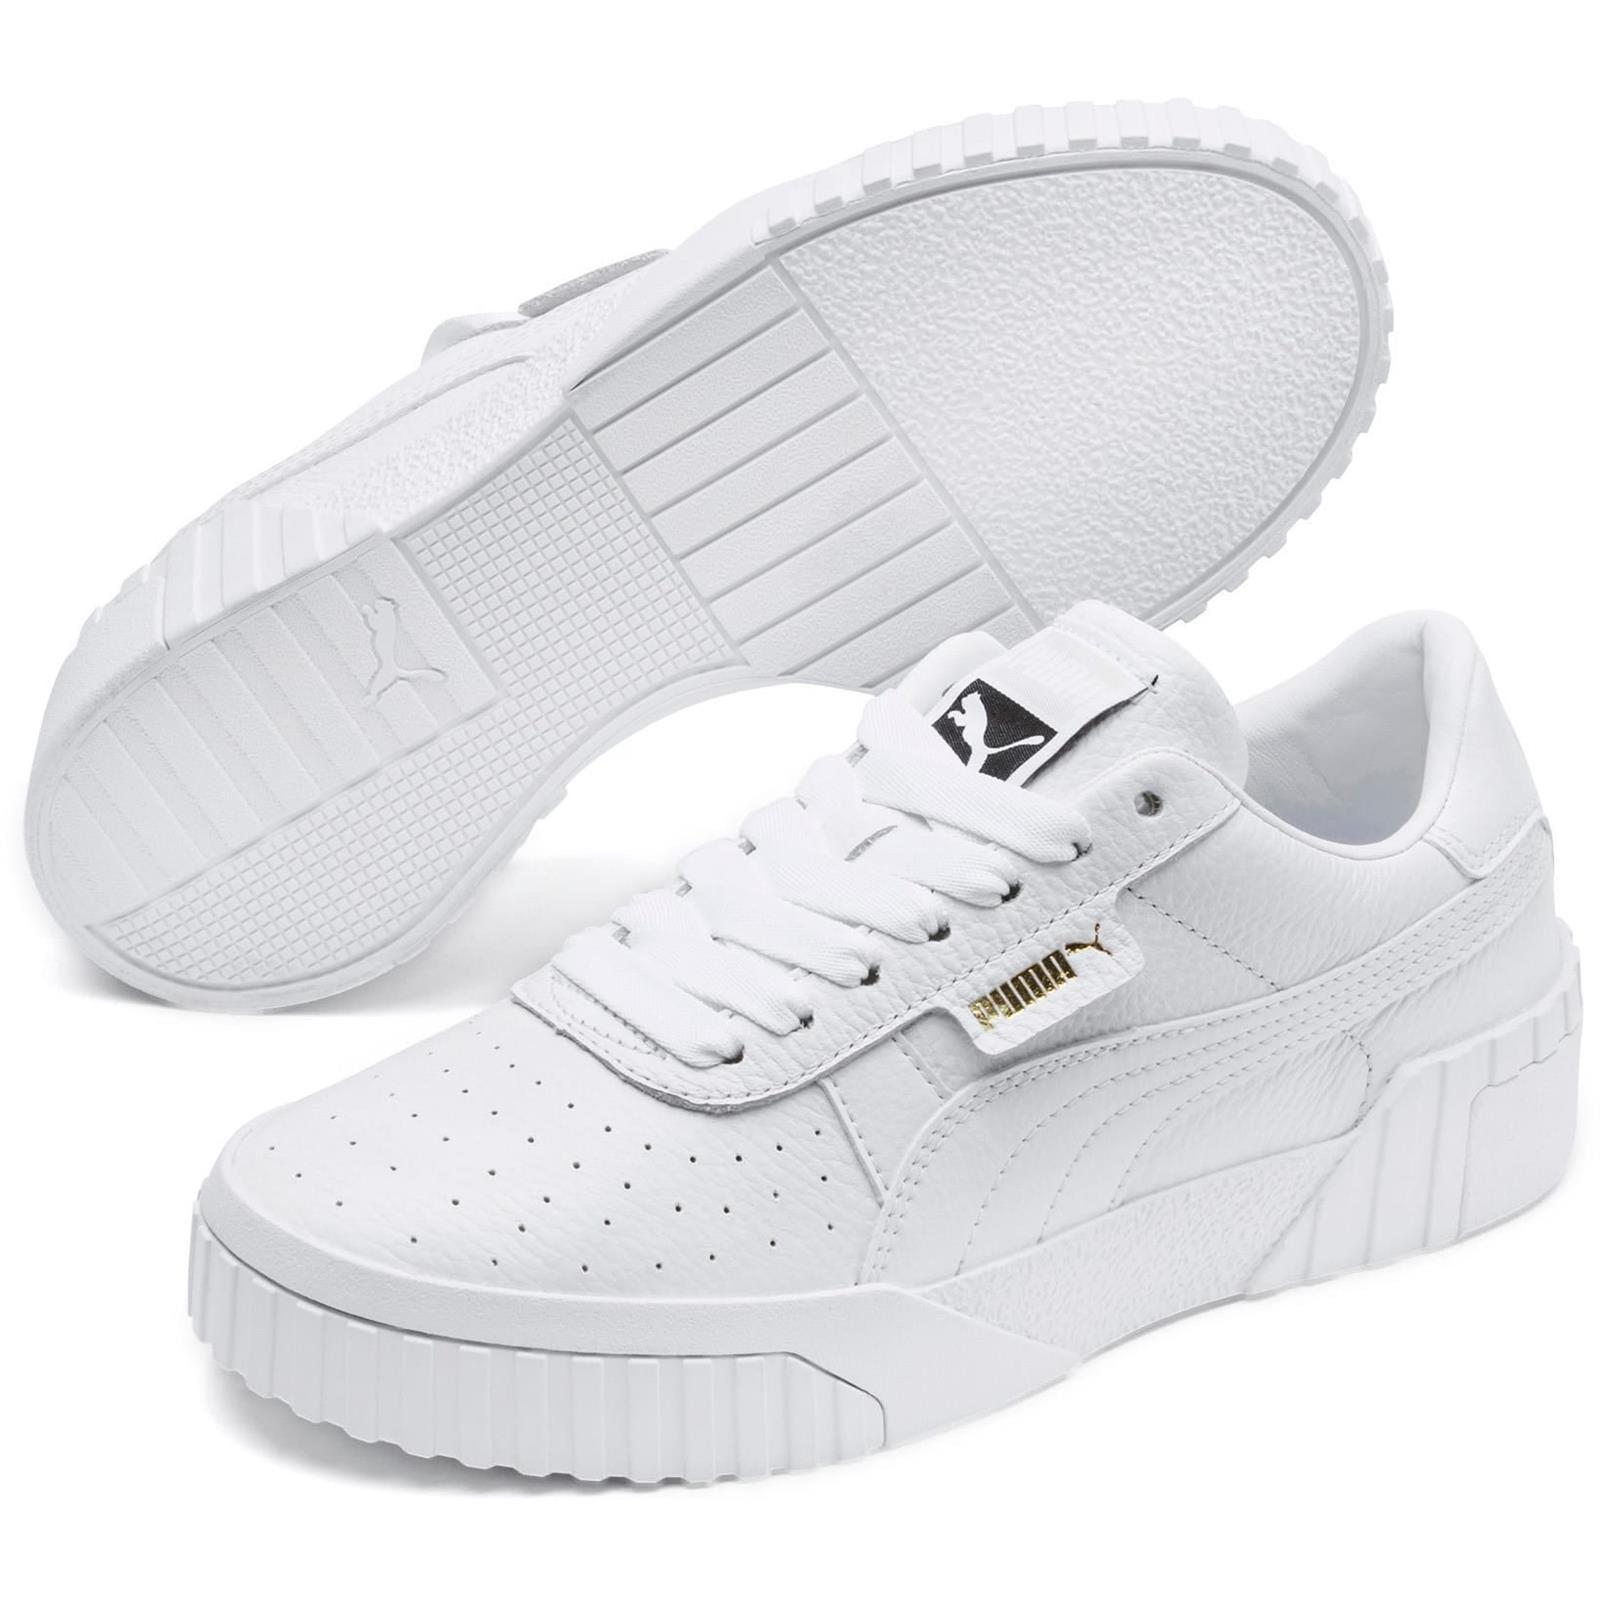 OBUWIE CALI WN S PUMA WHITE PUMA WHITE 36915501 PUMA